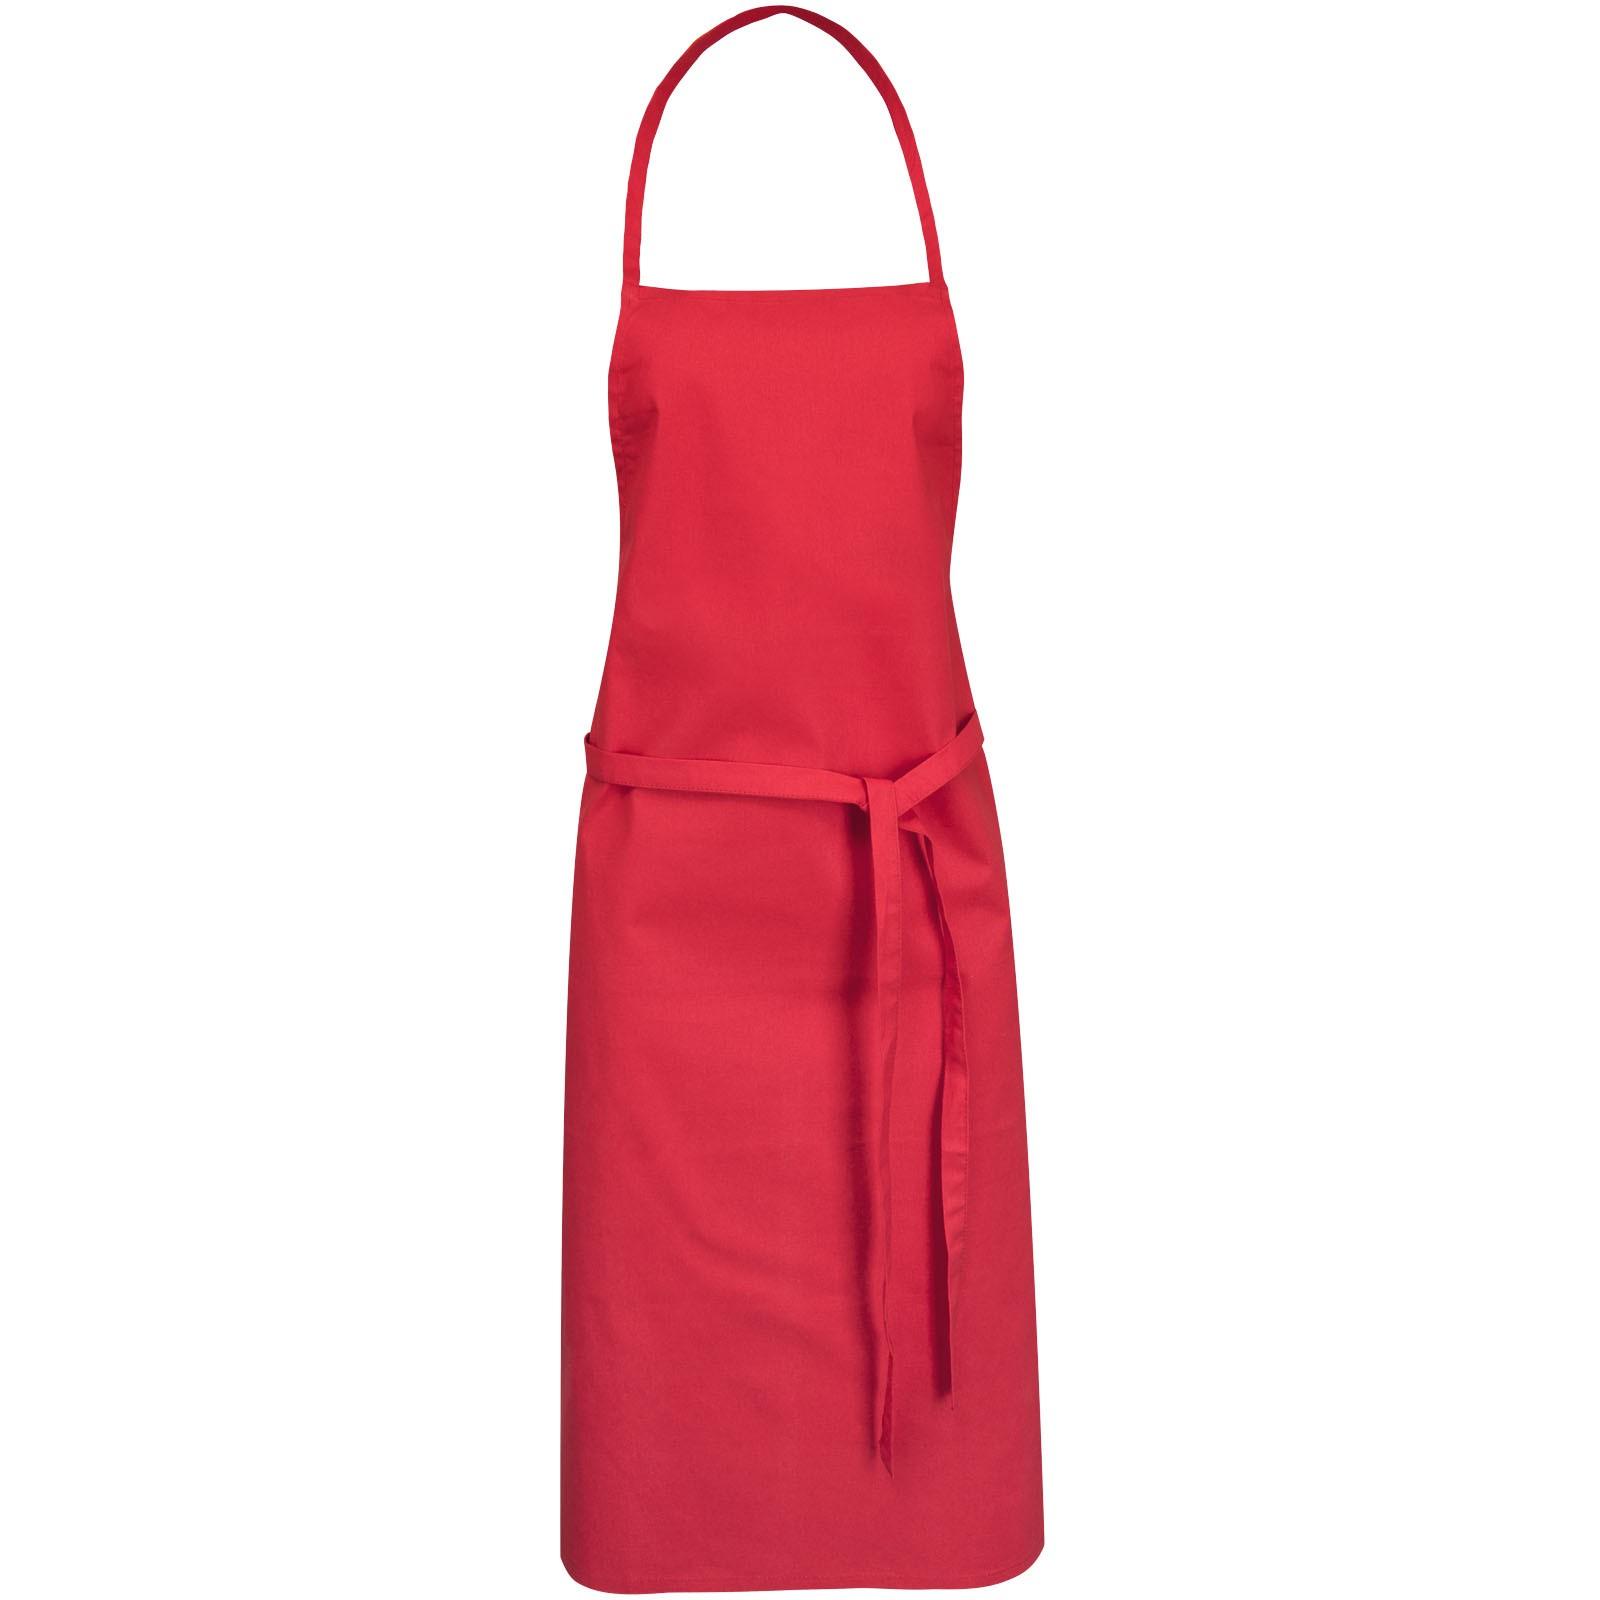 Zástěra Reeva ze 100% bavlny se zadním zavazováním - Červená s efektem námrazy